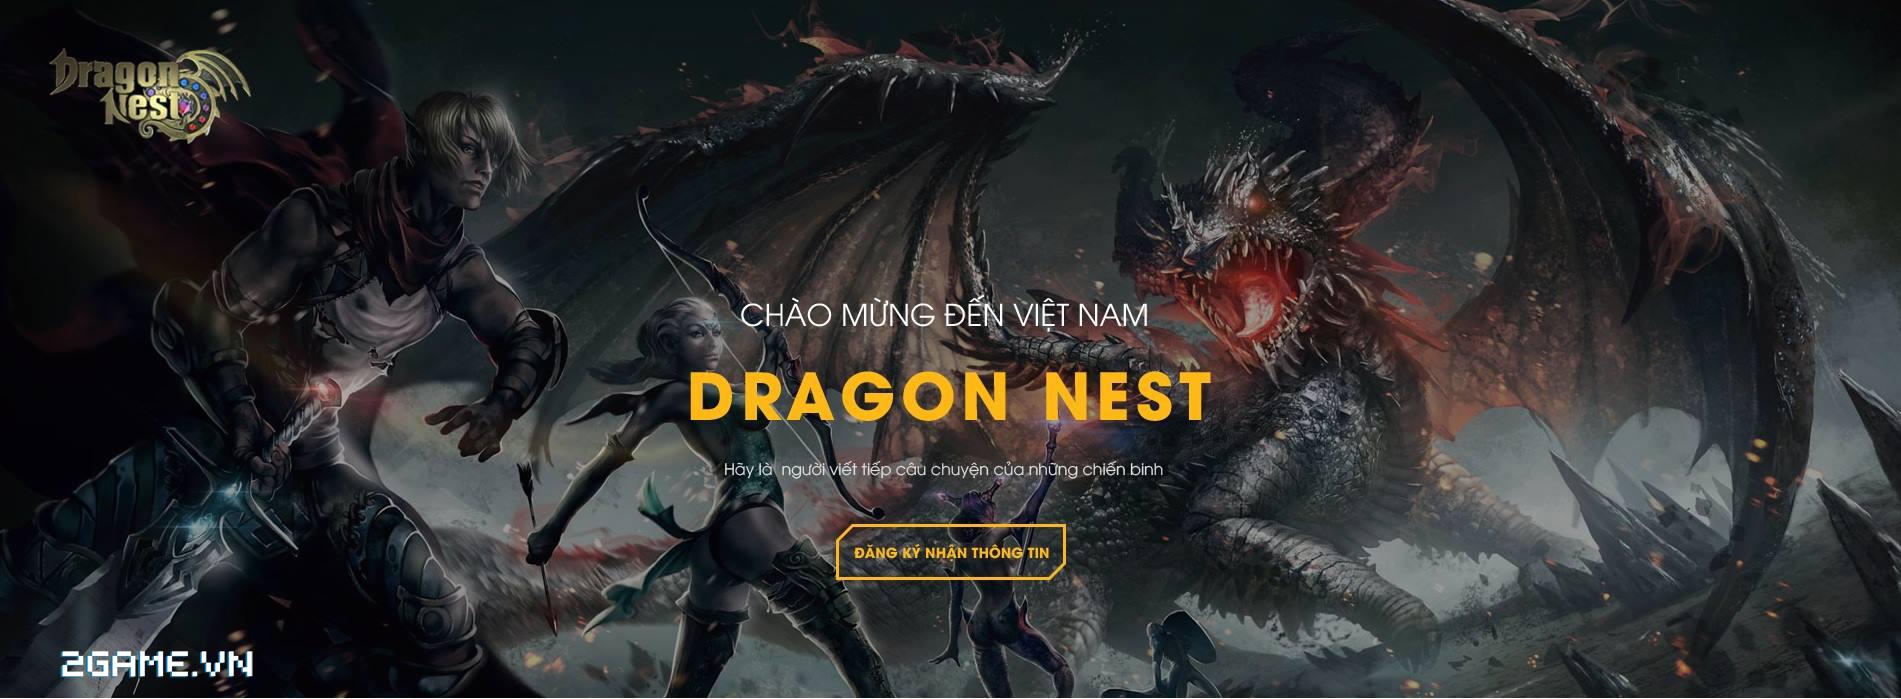 VGG xác nhận với 2Game chuyện Dragon Nest về Việt Nam là có thật 0